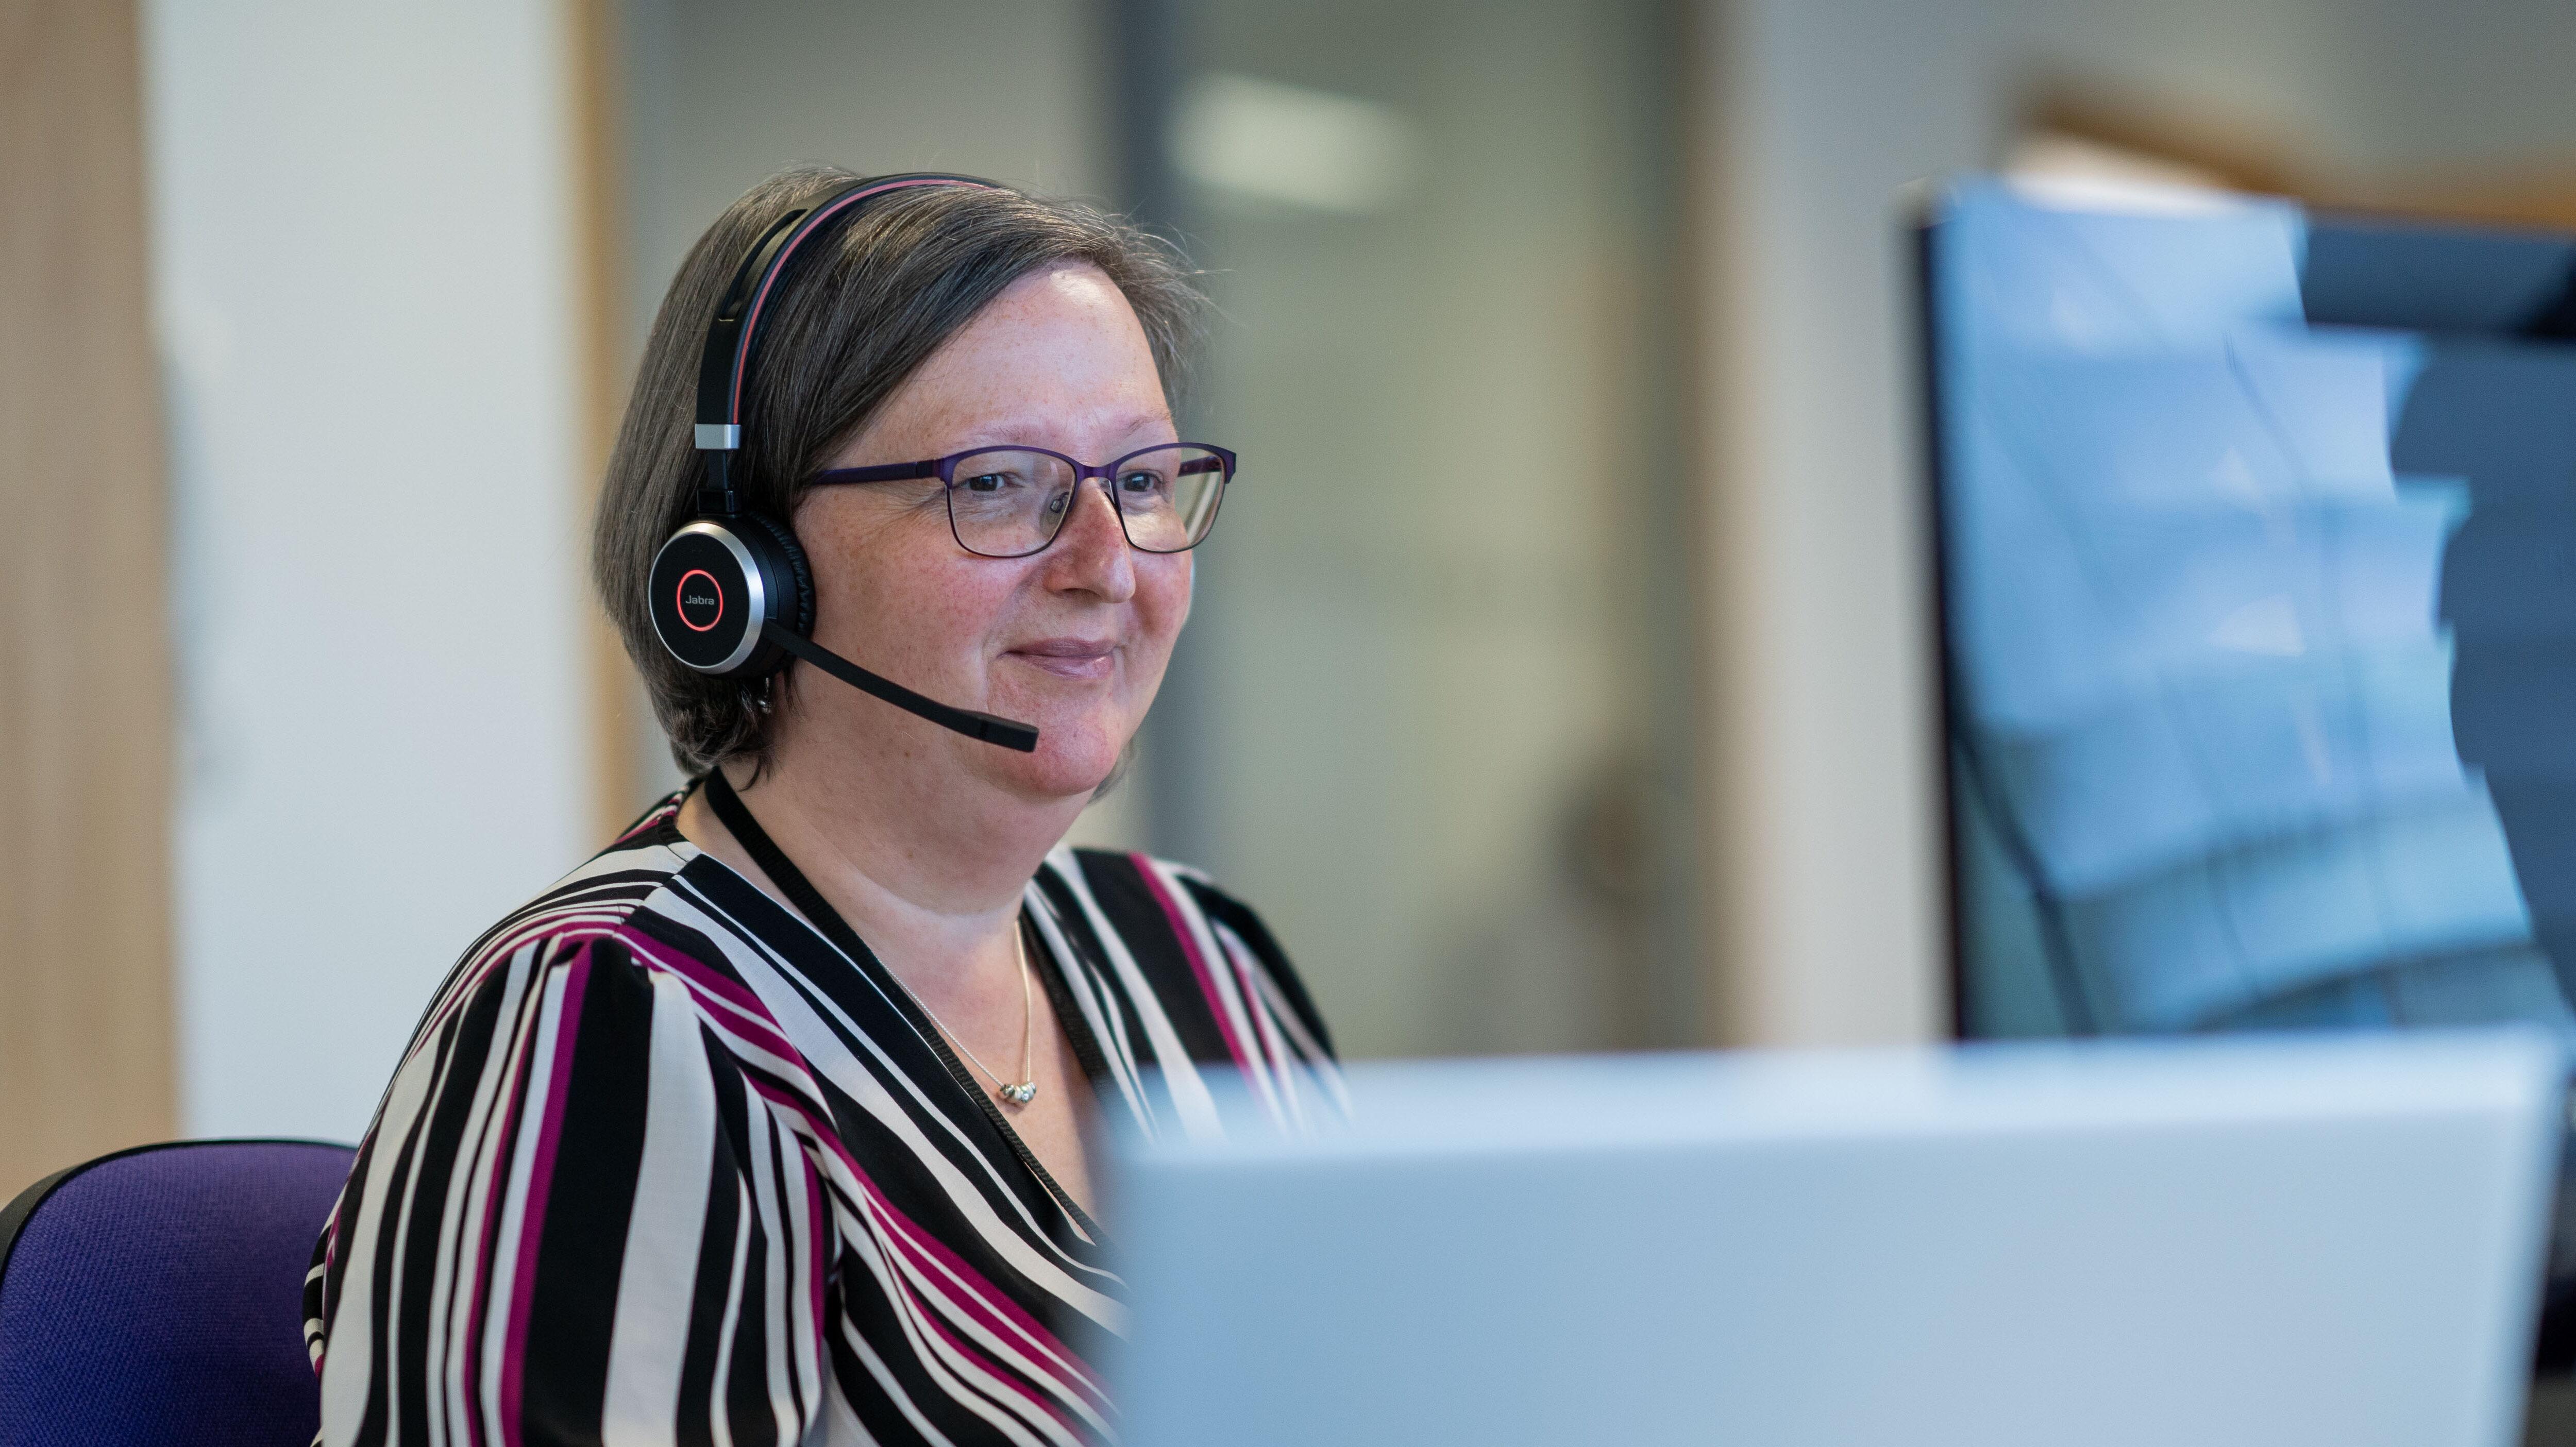 Meet Fiona Watt – our new Customs Administrator